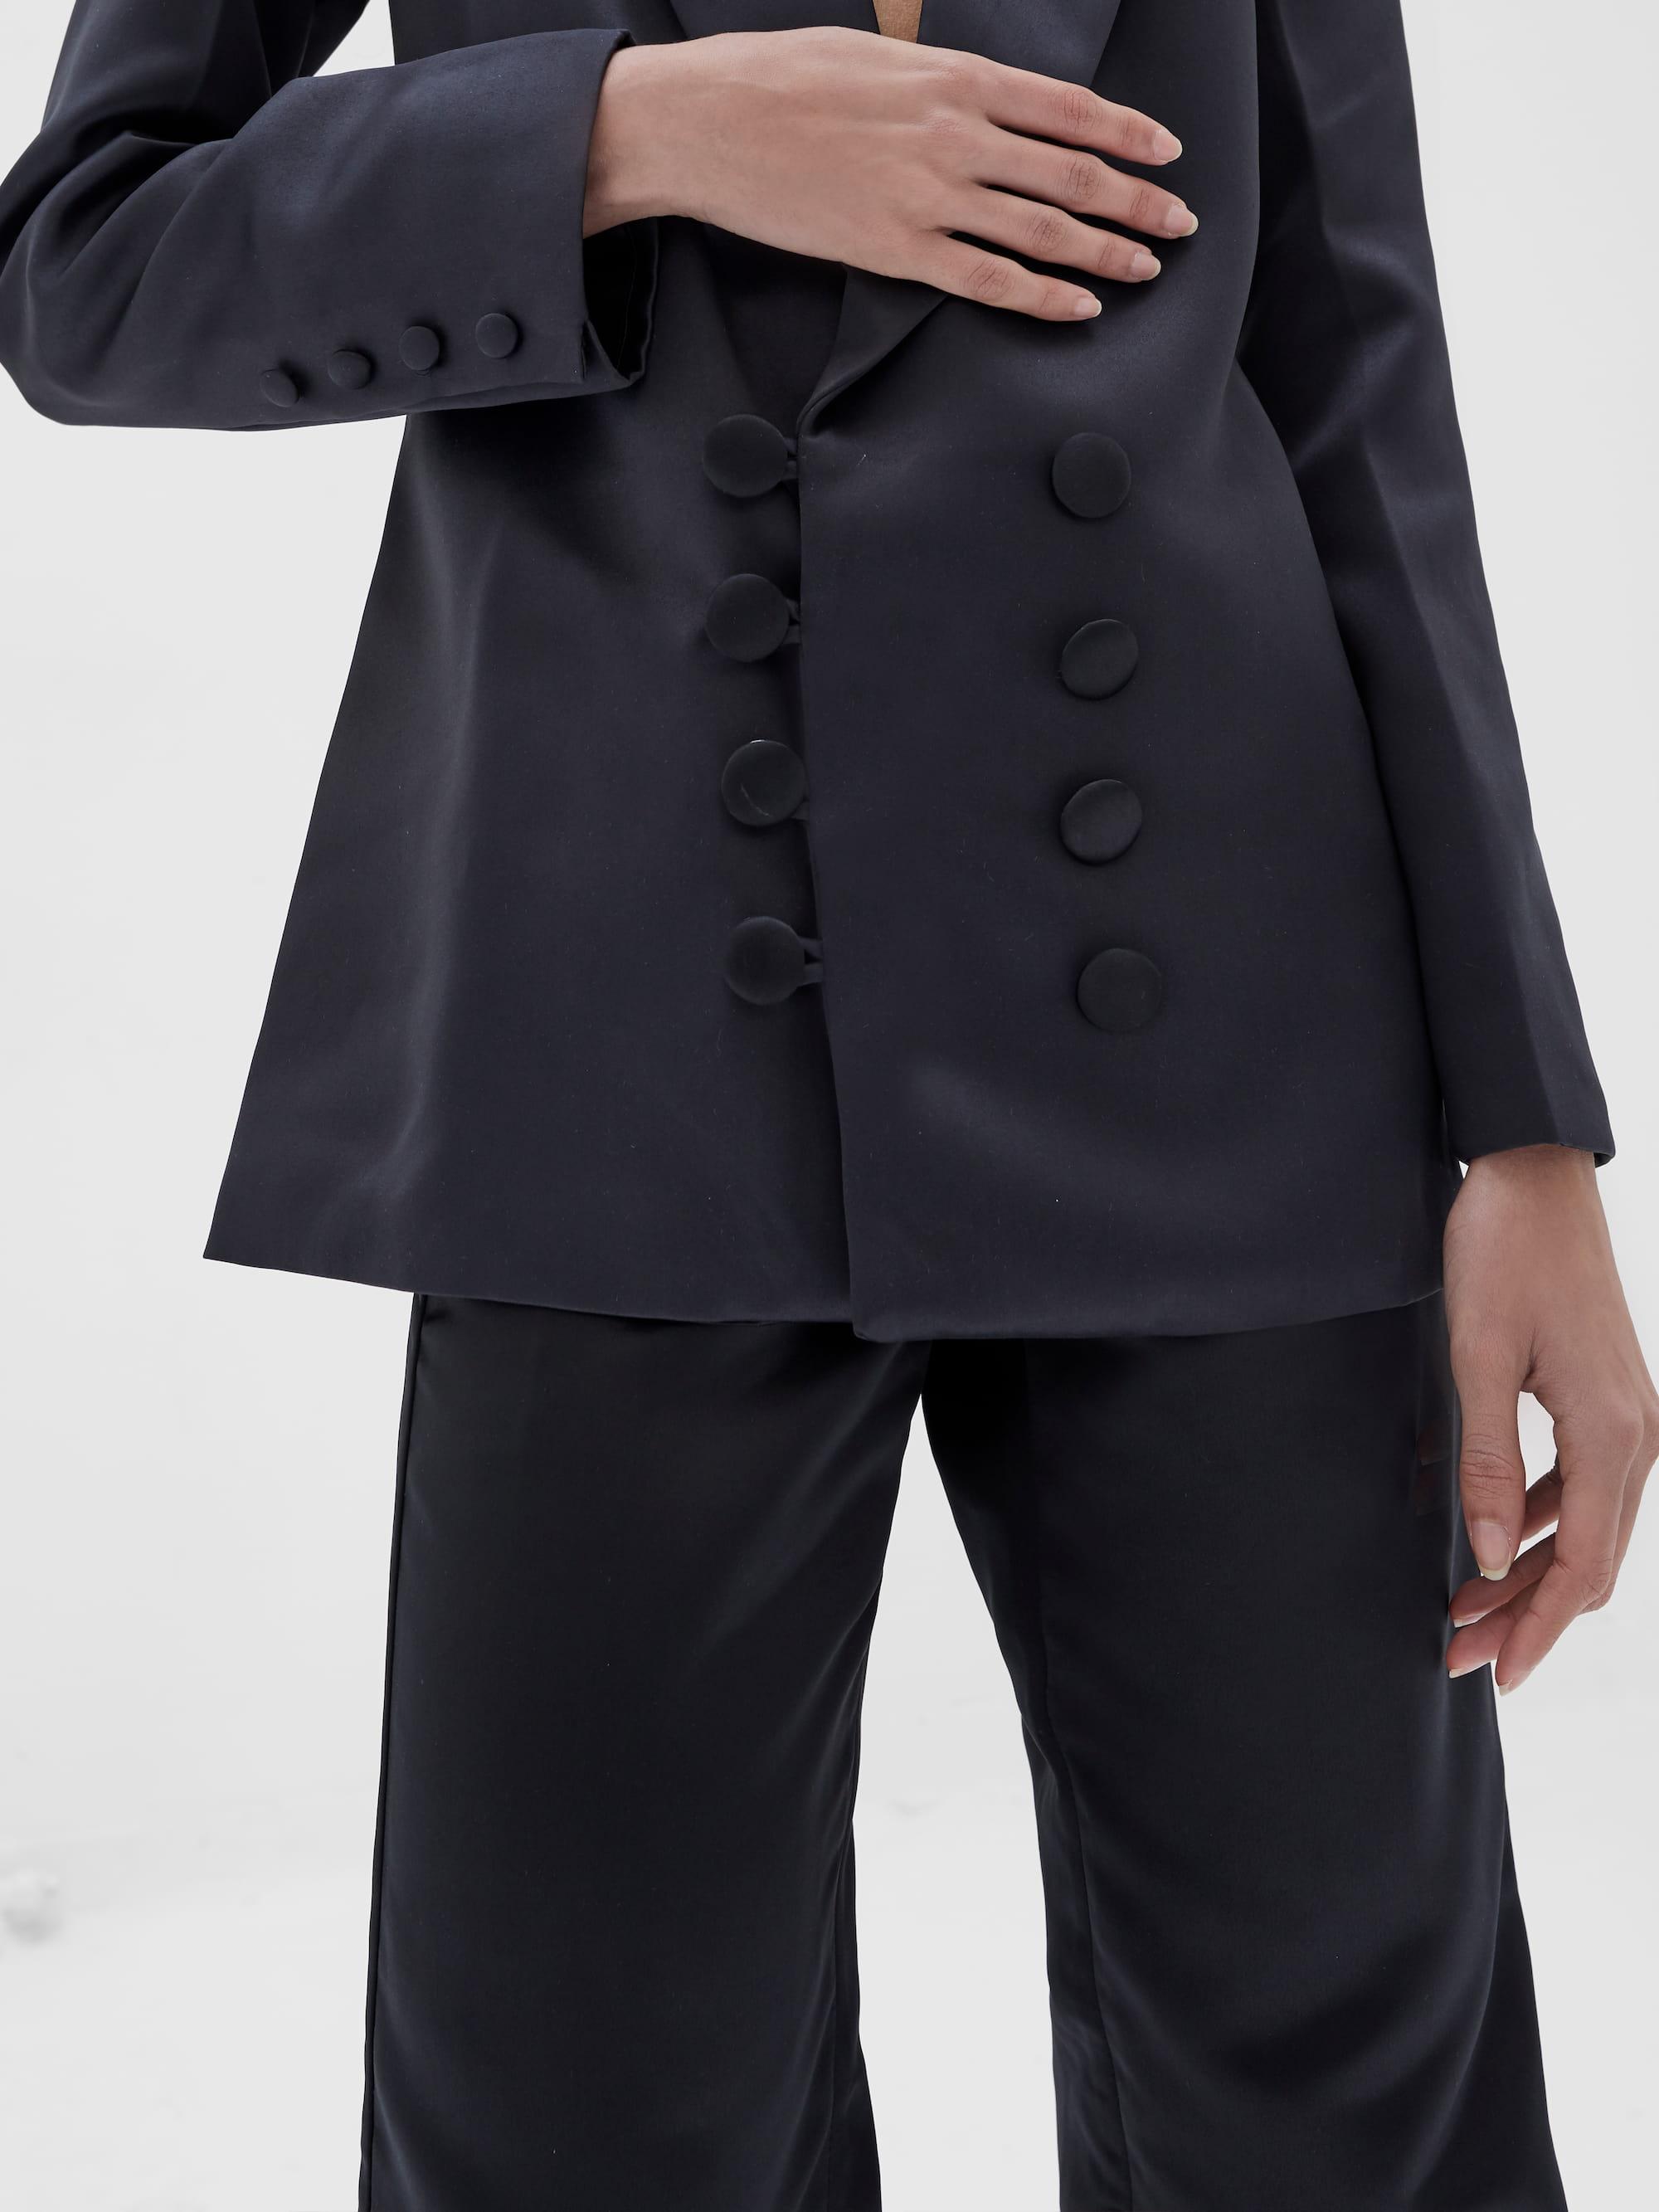 View 3 of model wearing Kamala Blazer in black.